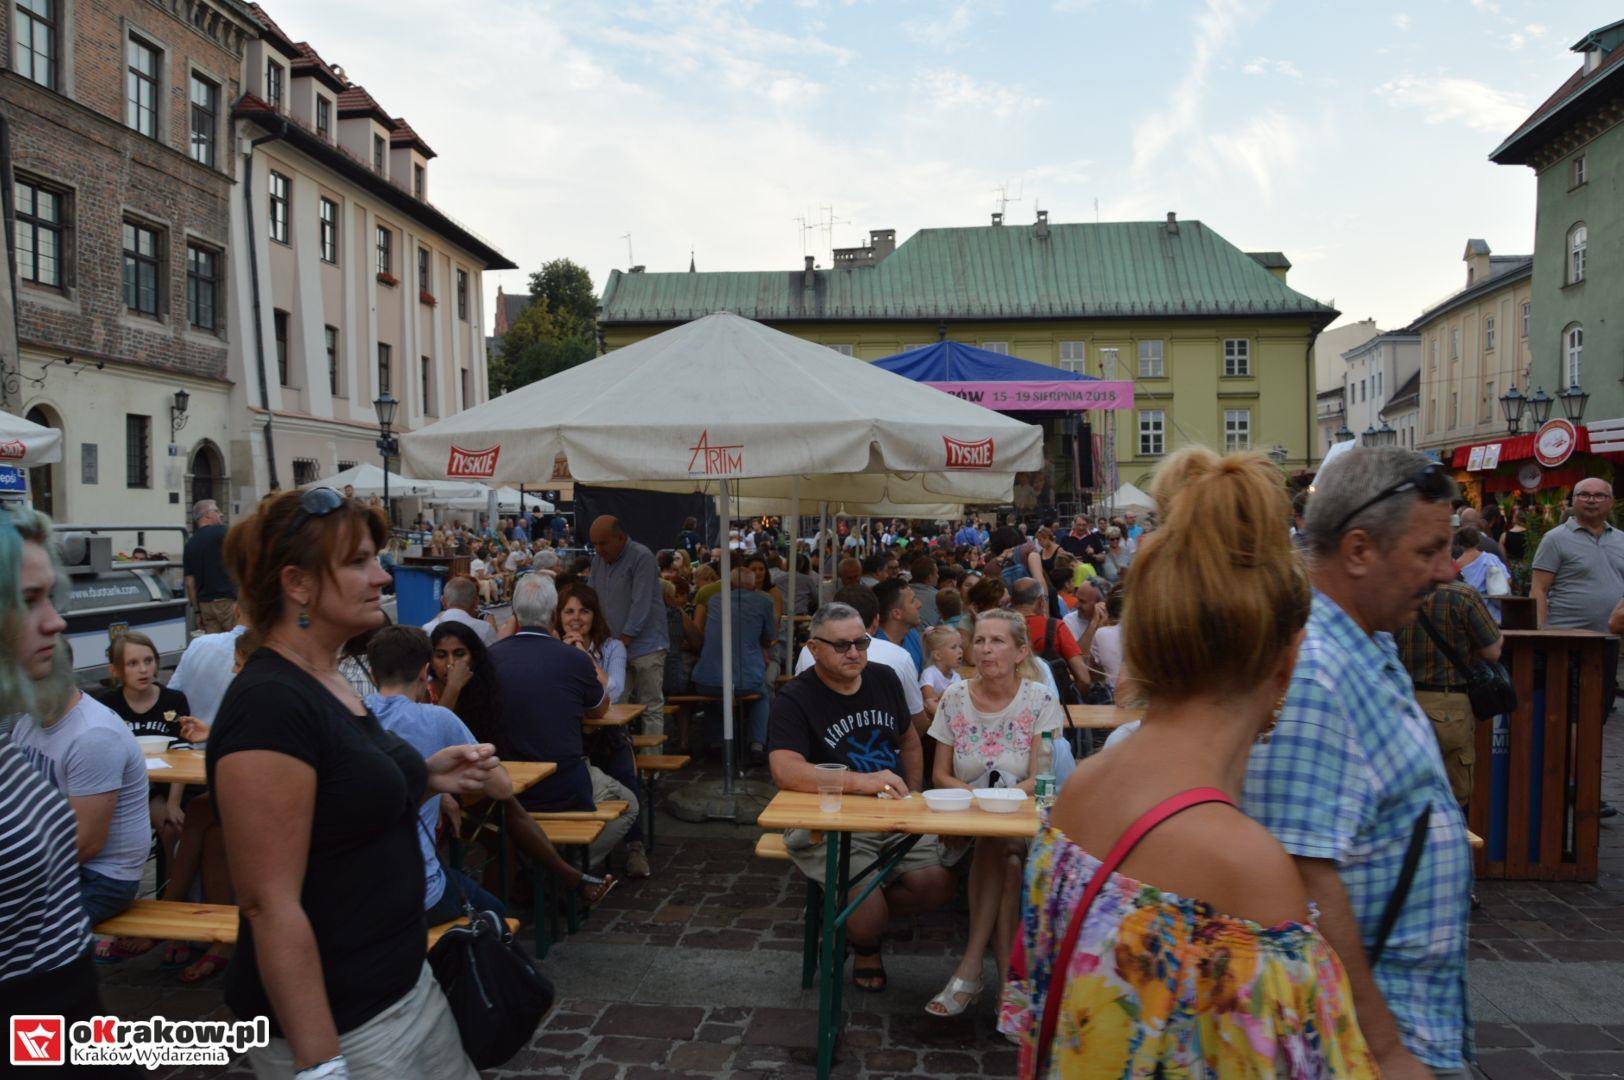 krakow festiwal pierogow maly rynek koncert cheap tobacco 82 150x150 - Galeria zdjęć Festiwal Pierogów Kraków 2018 + zdjęcia z koncertu Cheap Tobacco